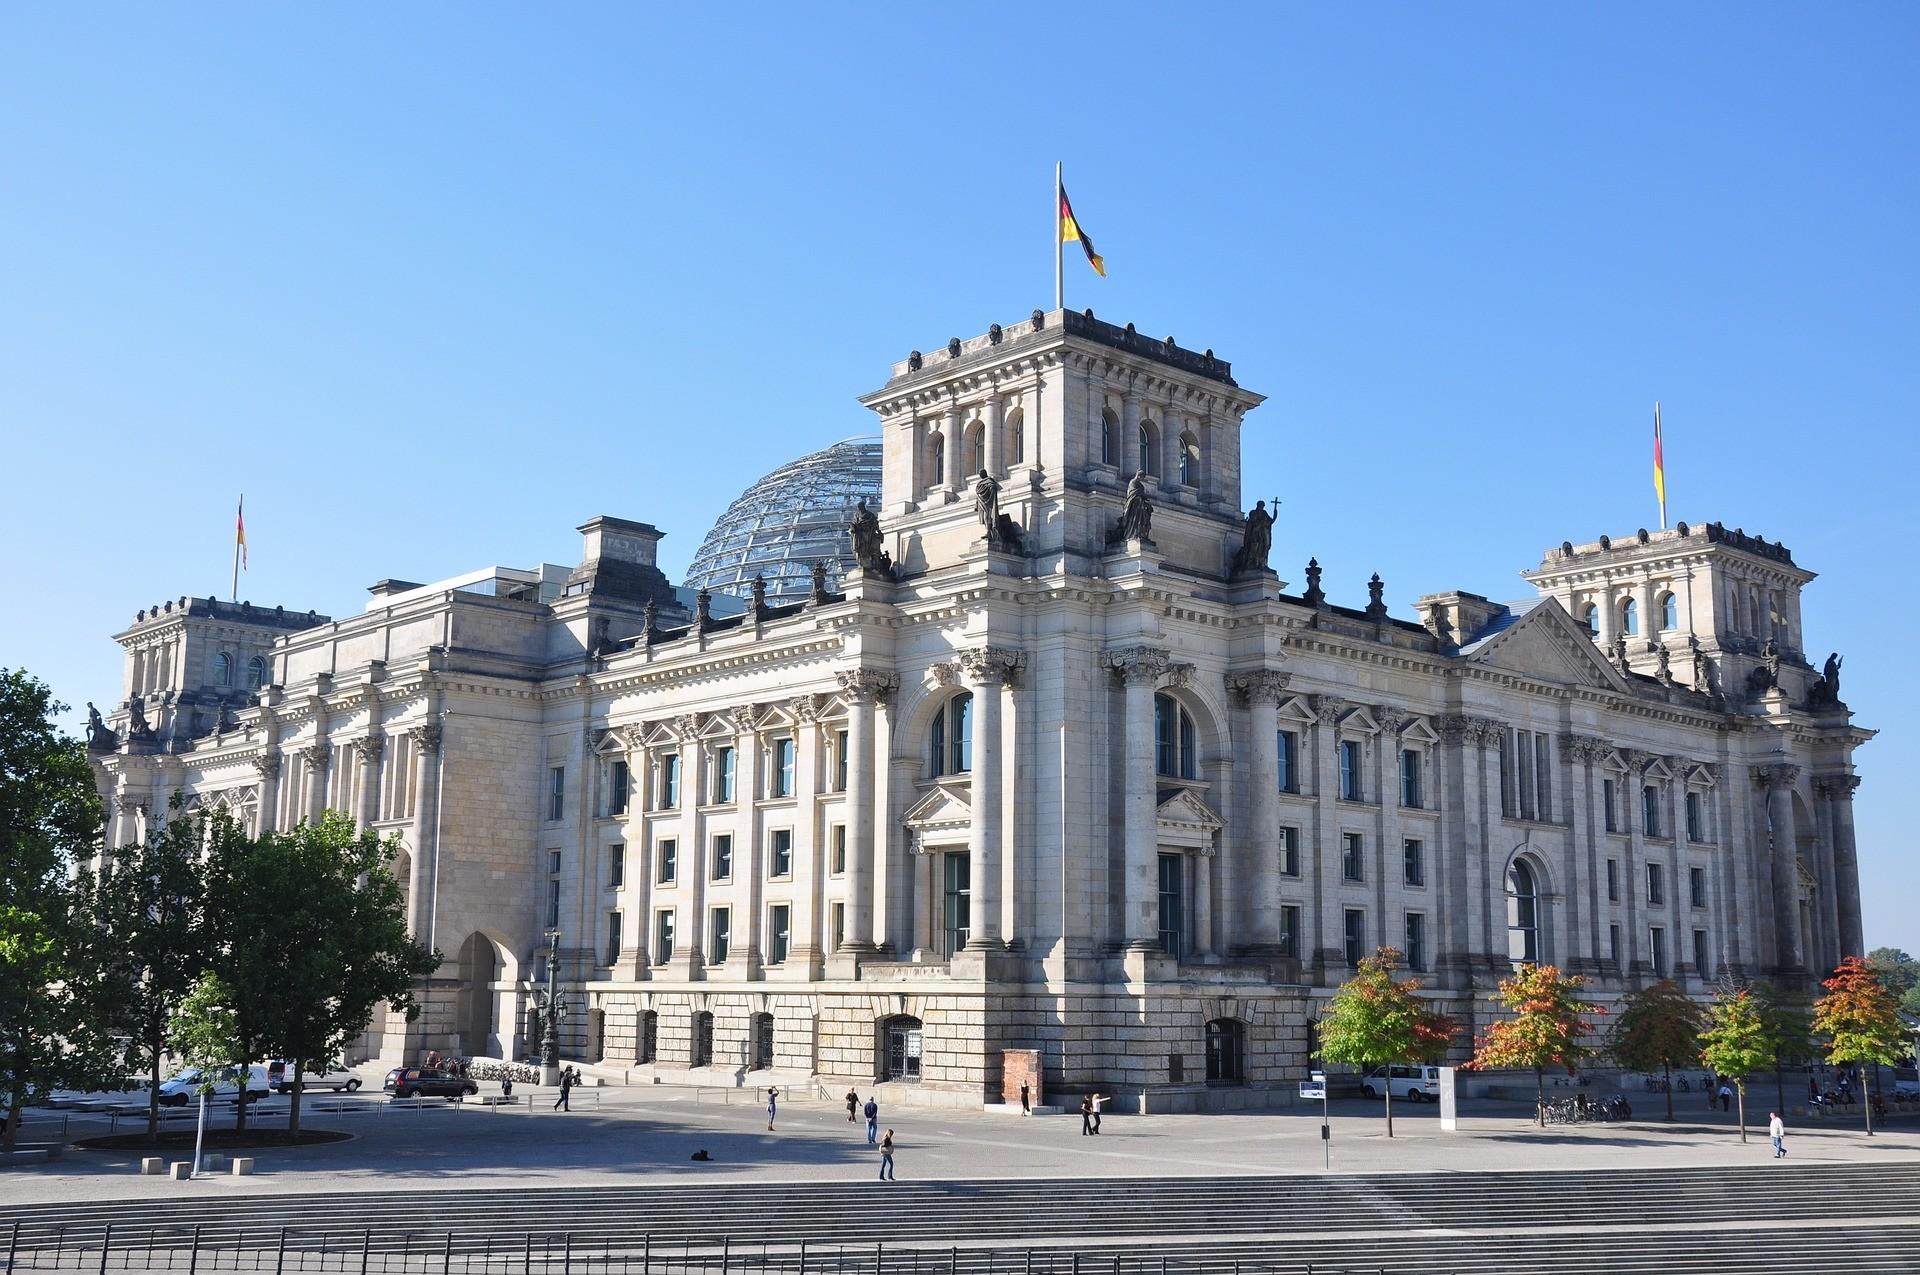 Berlino luoghi di interesse: Reichstag, Berlino - Foto di risconcrivale